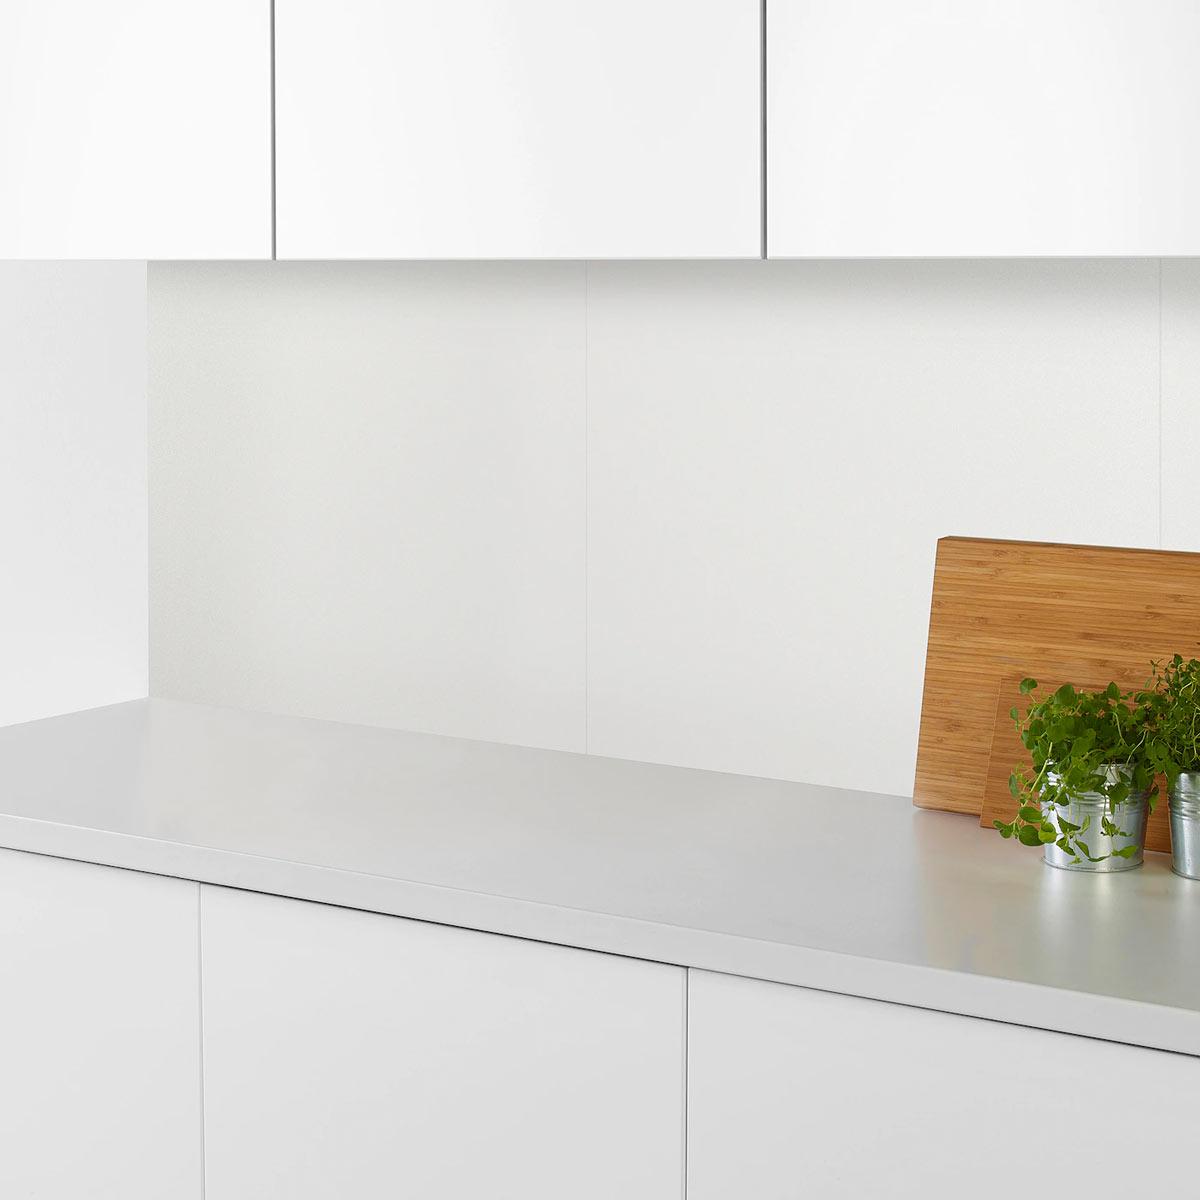 IKEA LEKSTORP è il pannello che protegge la cucina dallo sporco